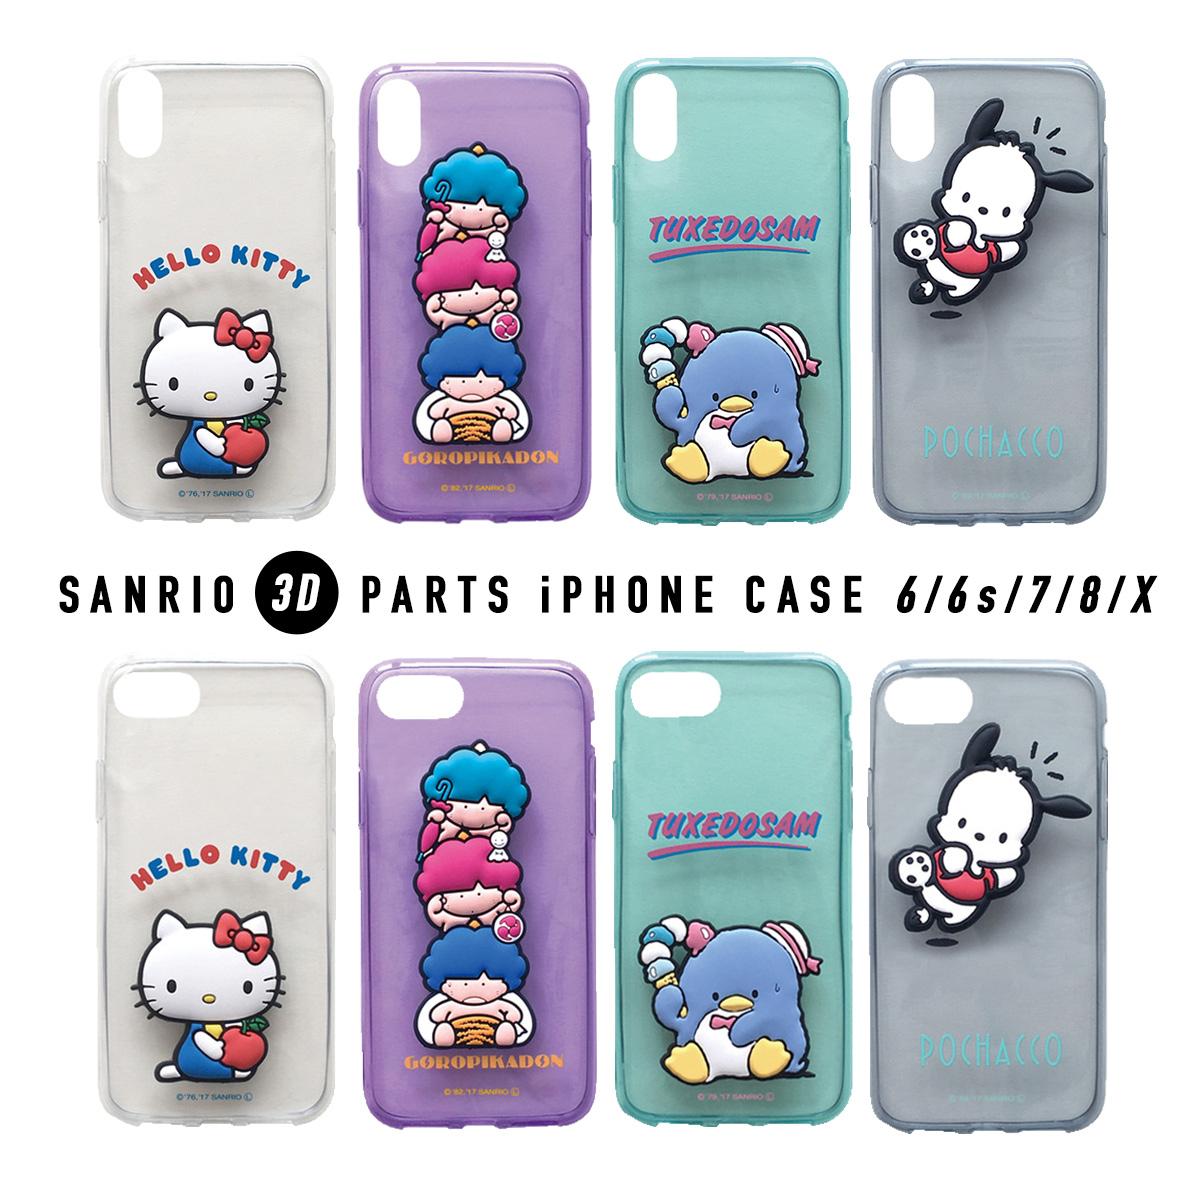 sanrio タキシードサム 販売期間 限定のお得なタイムセール キティ ポチャッコ ゴロピカドン iPhone8 iPhone6 6s 7 X メール便 ケース シリコン アイフォン カバー スマホ サンリオ 3D スマートフォン 購入 携帯